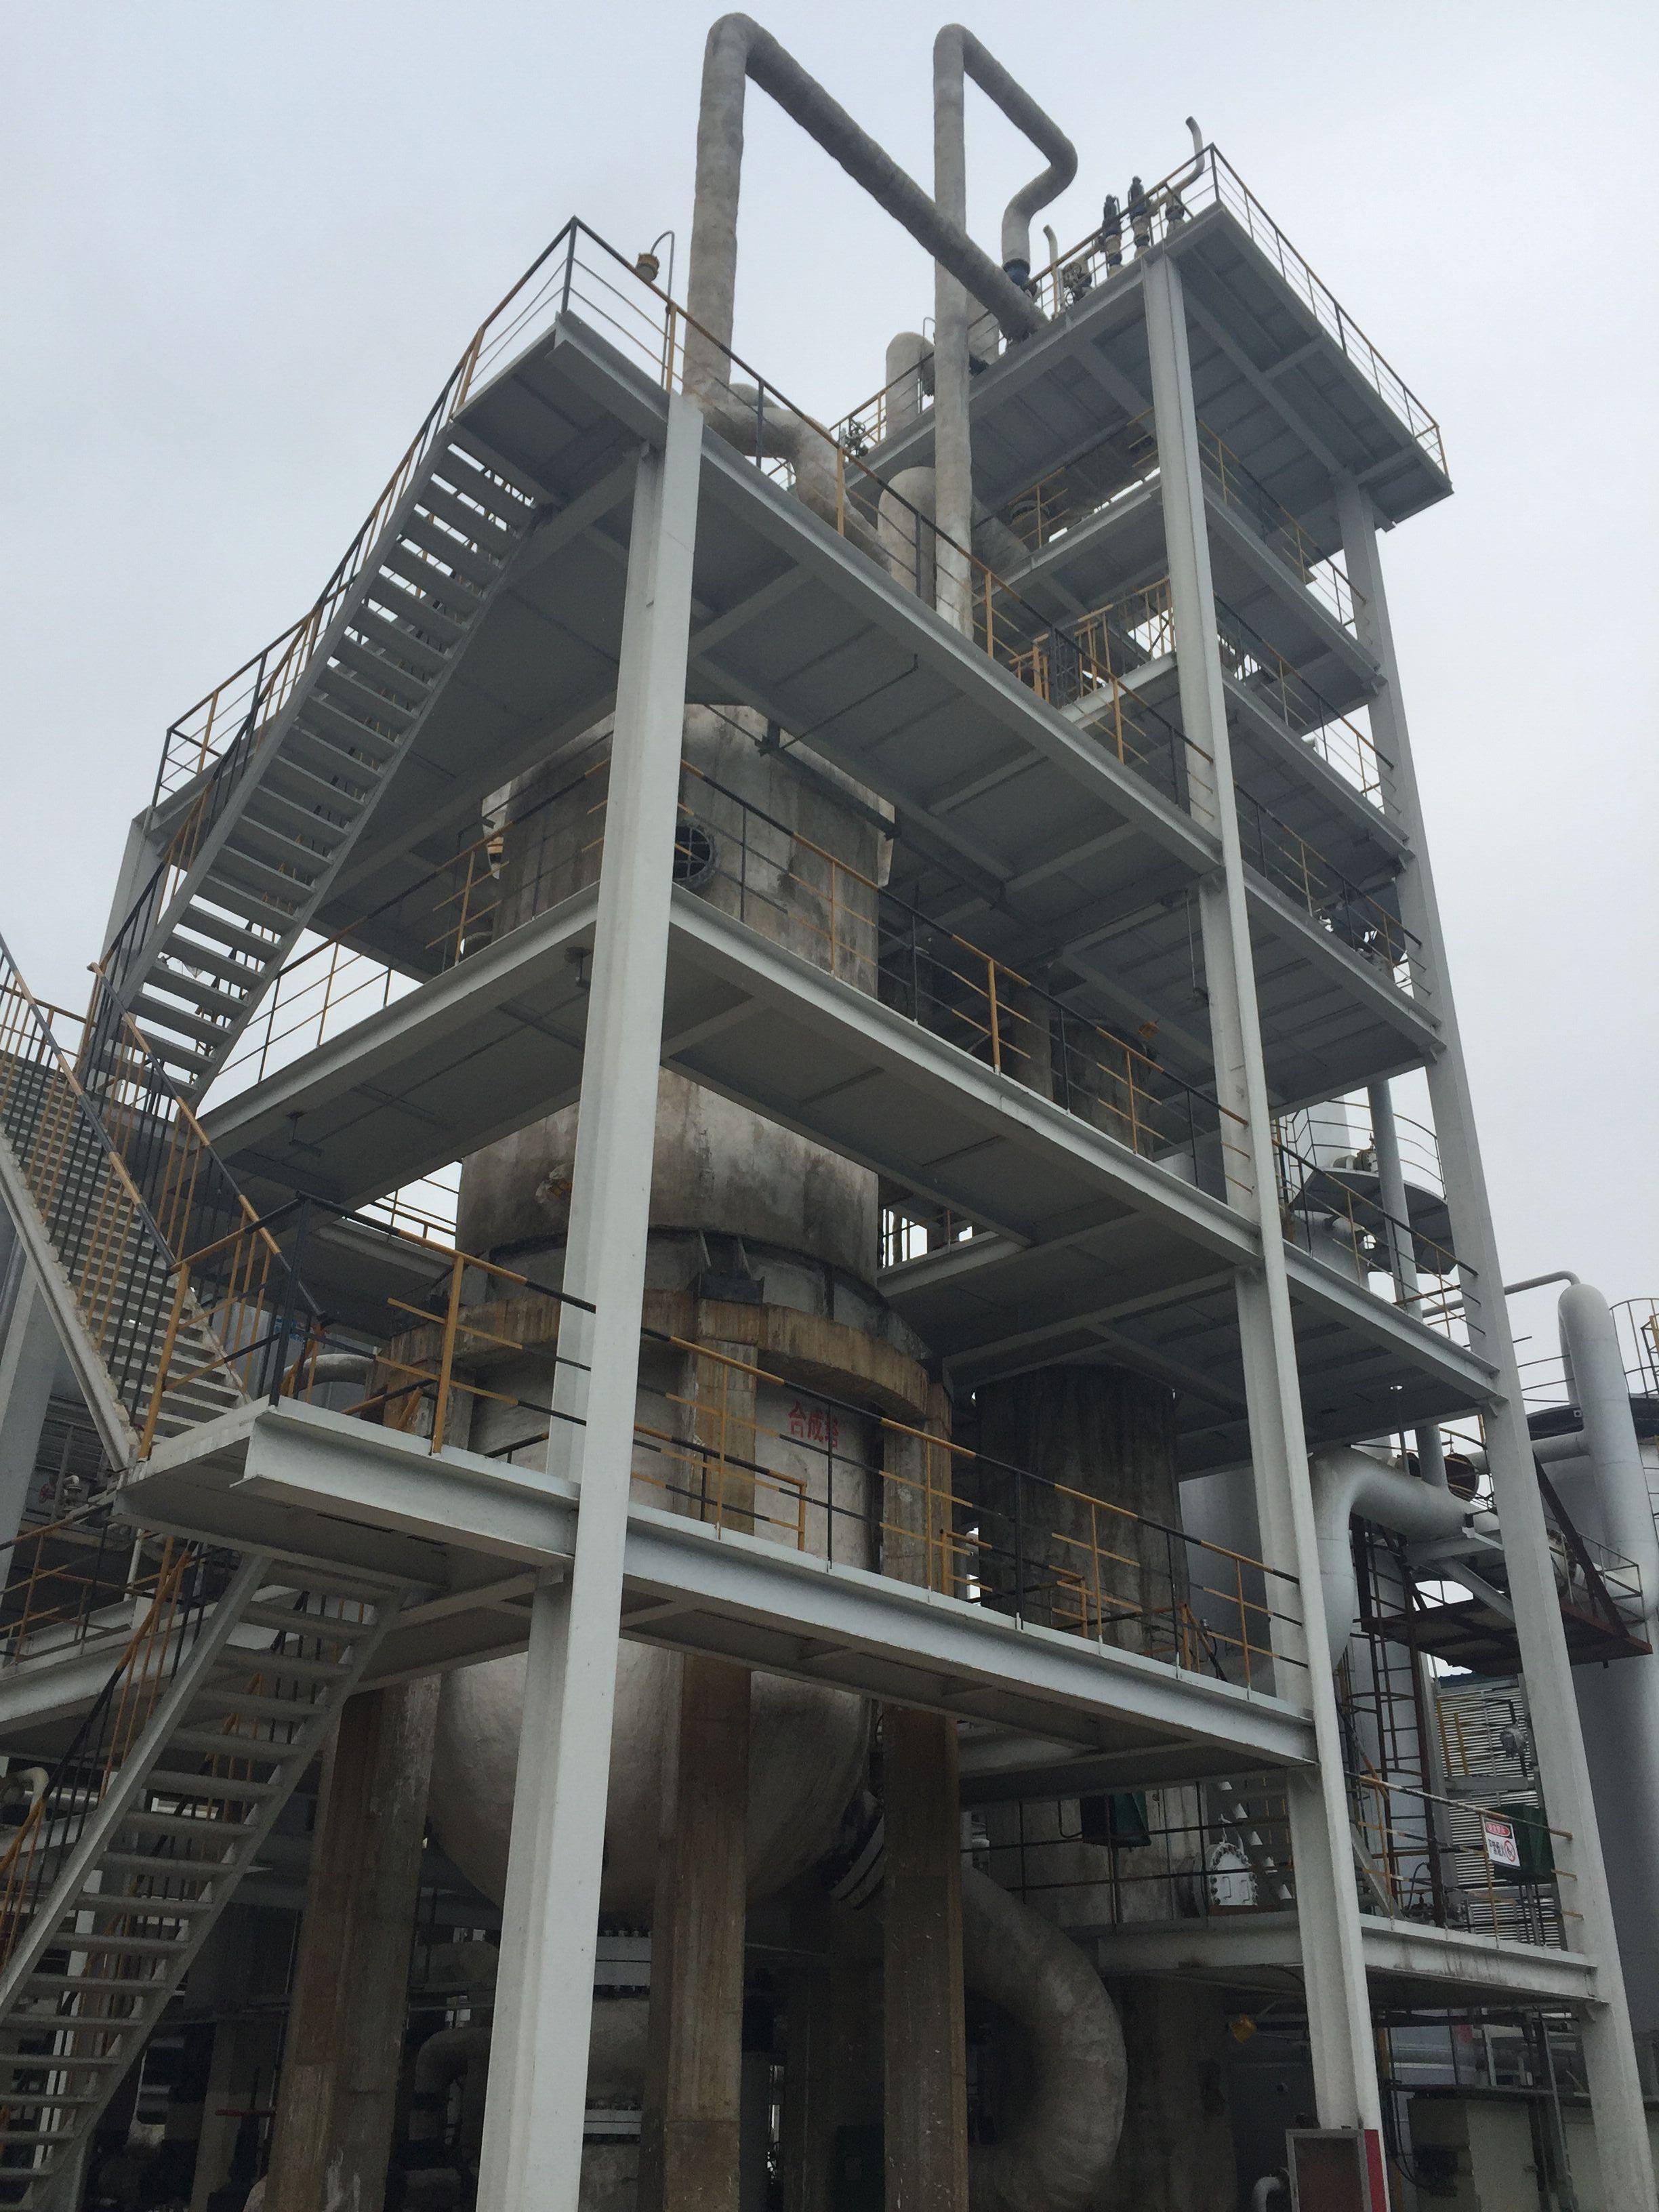 2016年4月16日下午6时,由杭州林达设计制造的DN3600甲醇合成塔在河南顺达化工成功导气产出甲醇产品,这标志着整个甲醇装置实现了全线打通。 河南顺达化工科技有限公司30万吨甲醇项目,以固定床气化生产低氮水煤气,气体经粗脱、变换、脱碳和压缩等工段获得合格甲醇原料气,甲醇合成技术由林达公司提供,合成压力5.